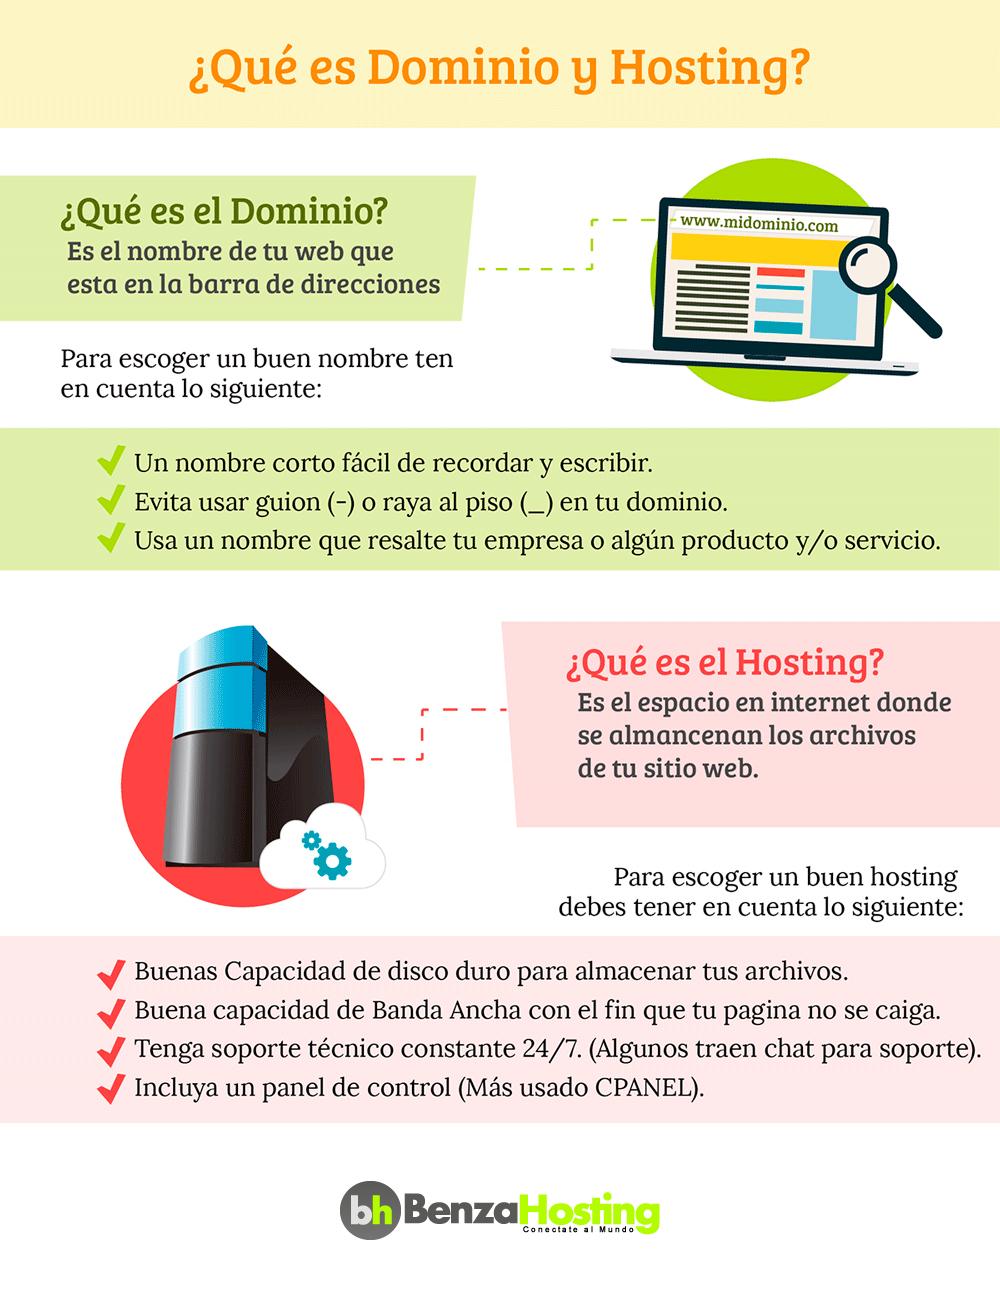 hosting-dominio-cubemedia